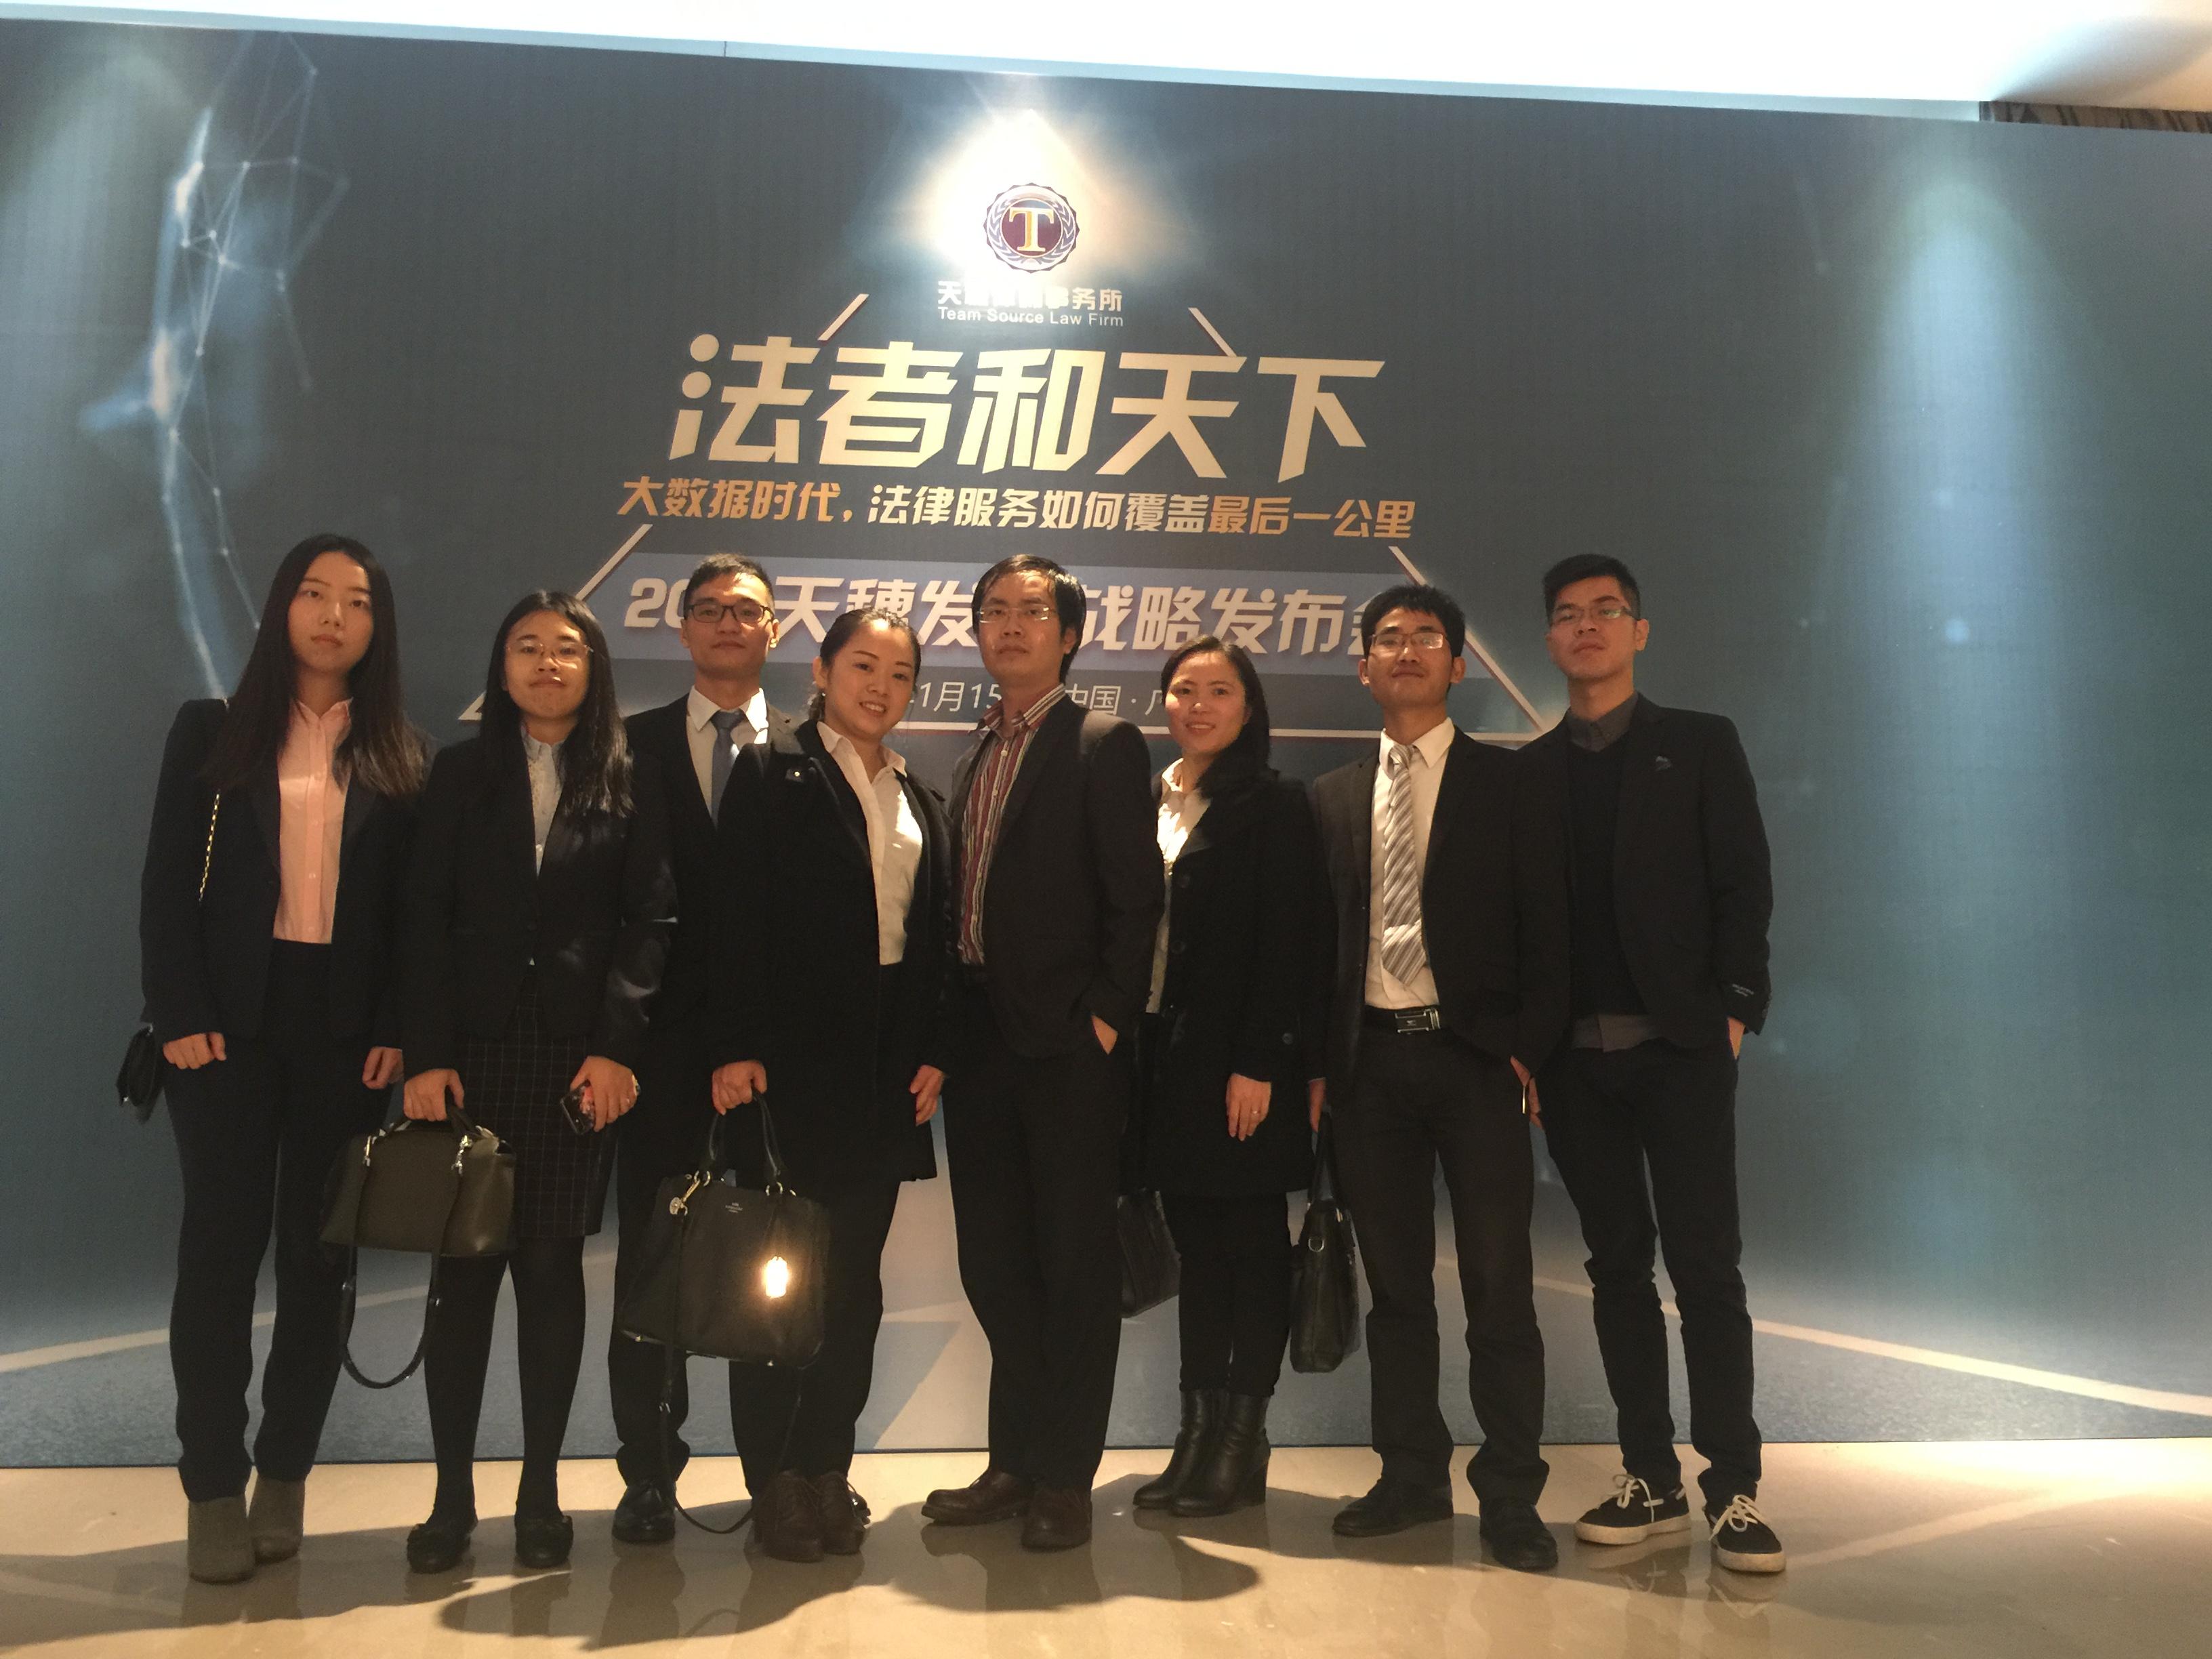 马俊哲律师团队参与《法者和天下》合影